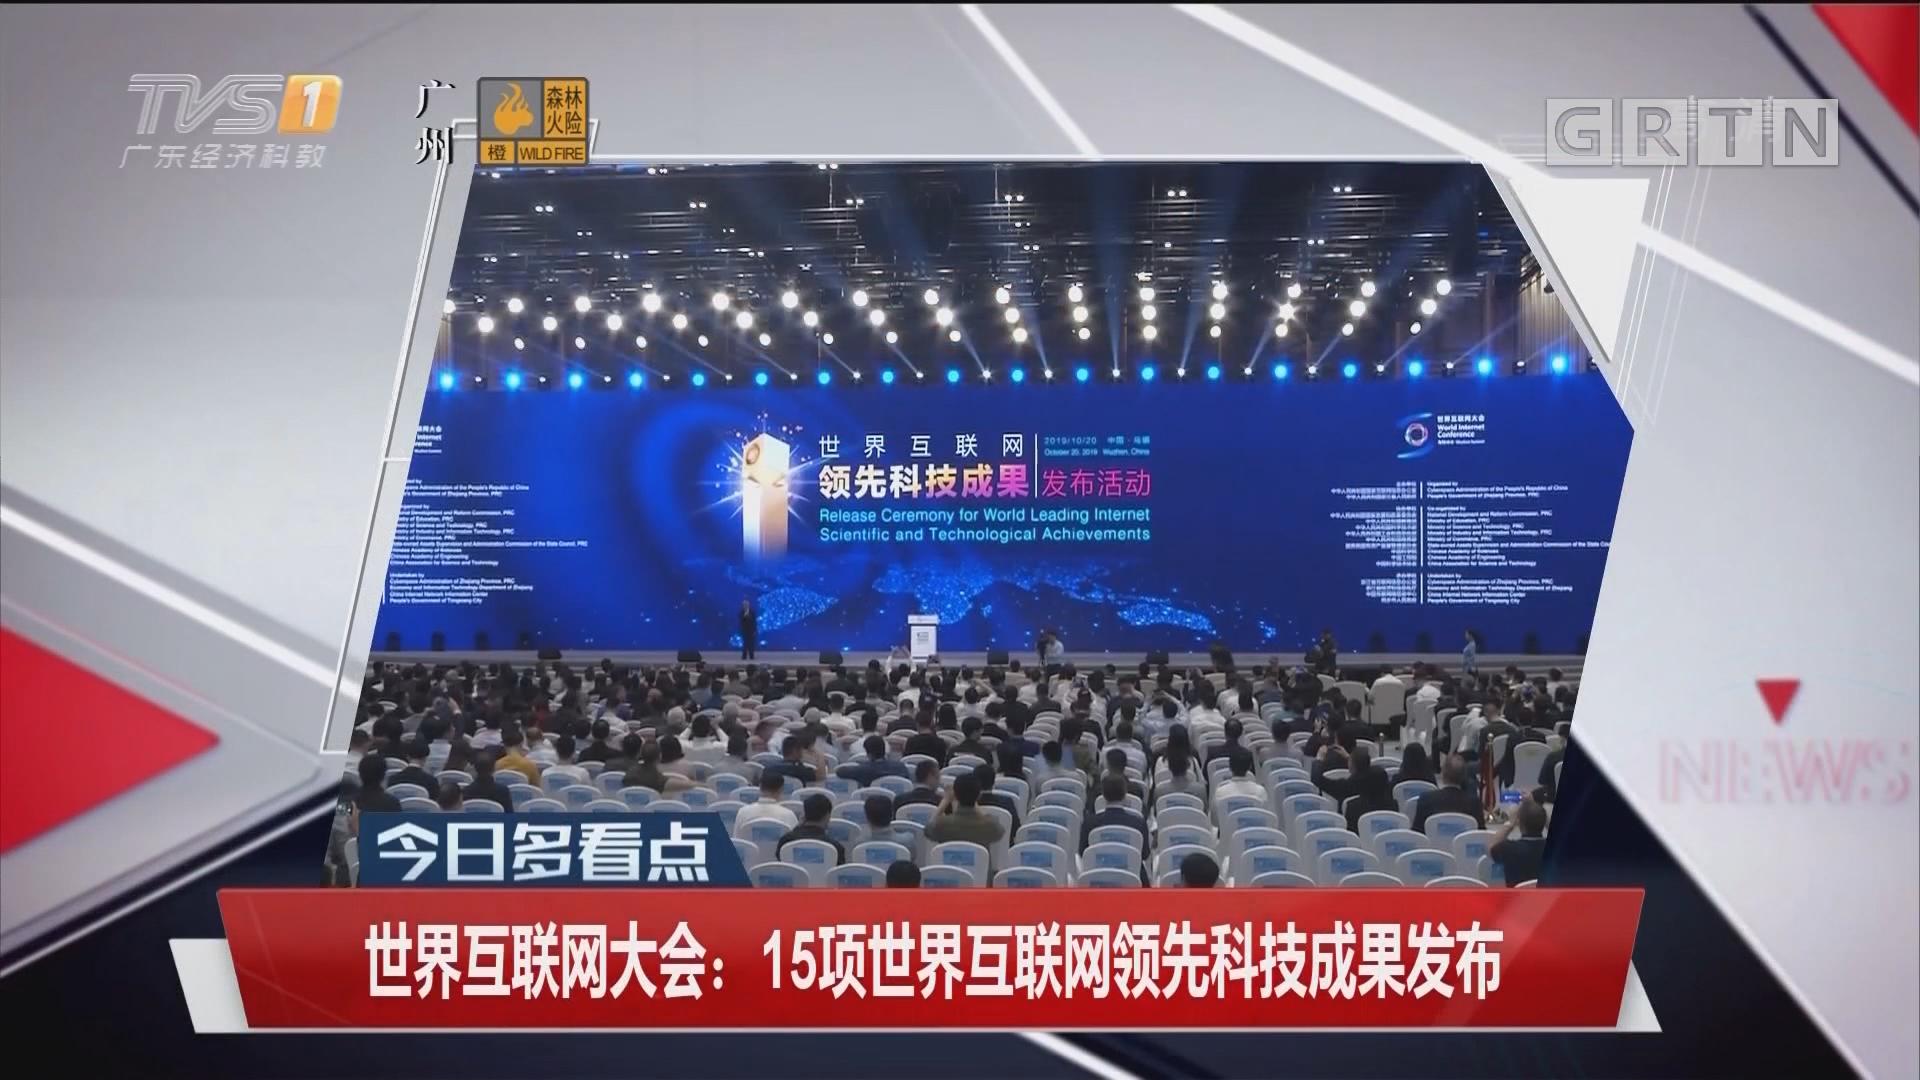 世界互联网大会:15项世界互联网领先科技成果发布